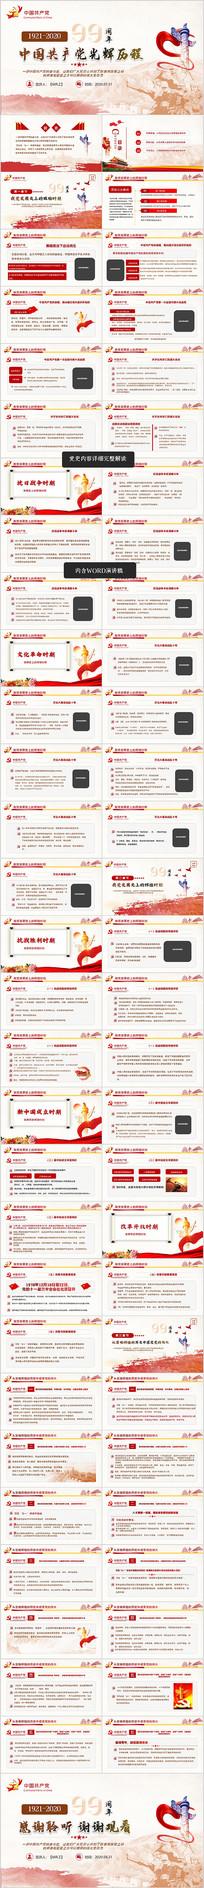 党的的光辉历程党史建党99周年ppt模板